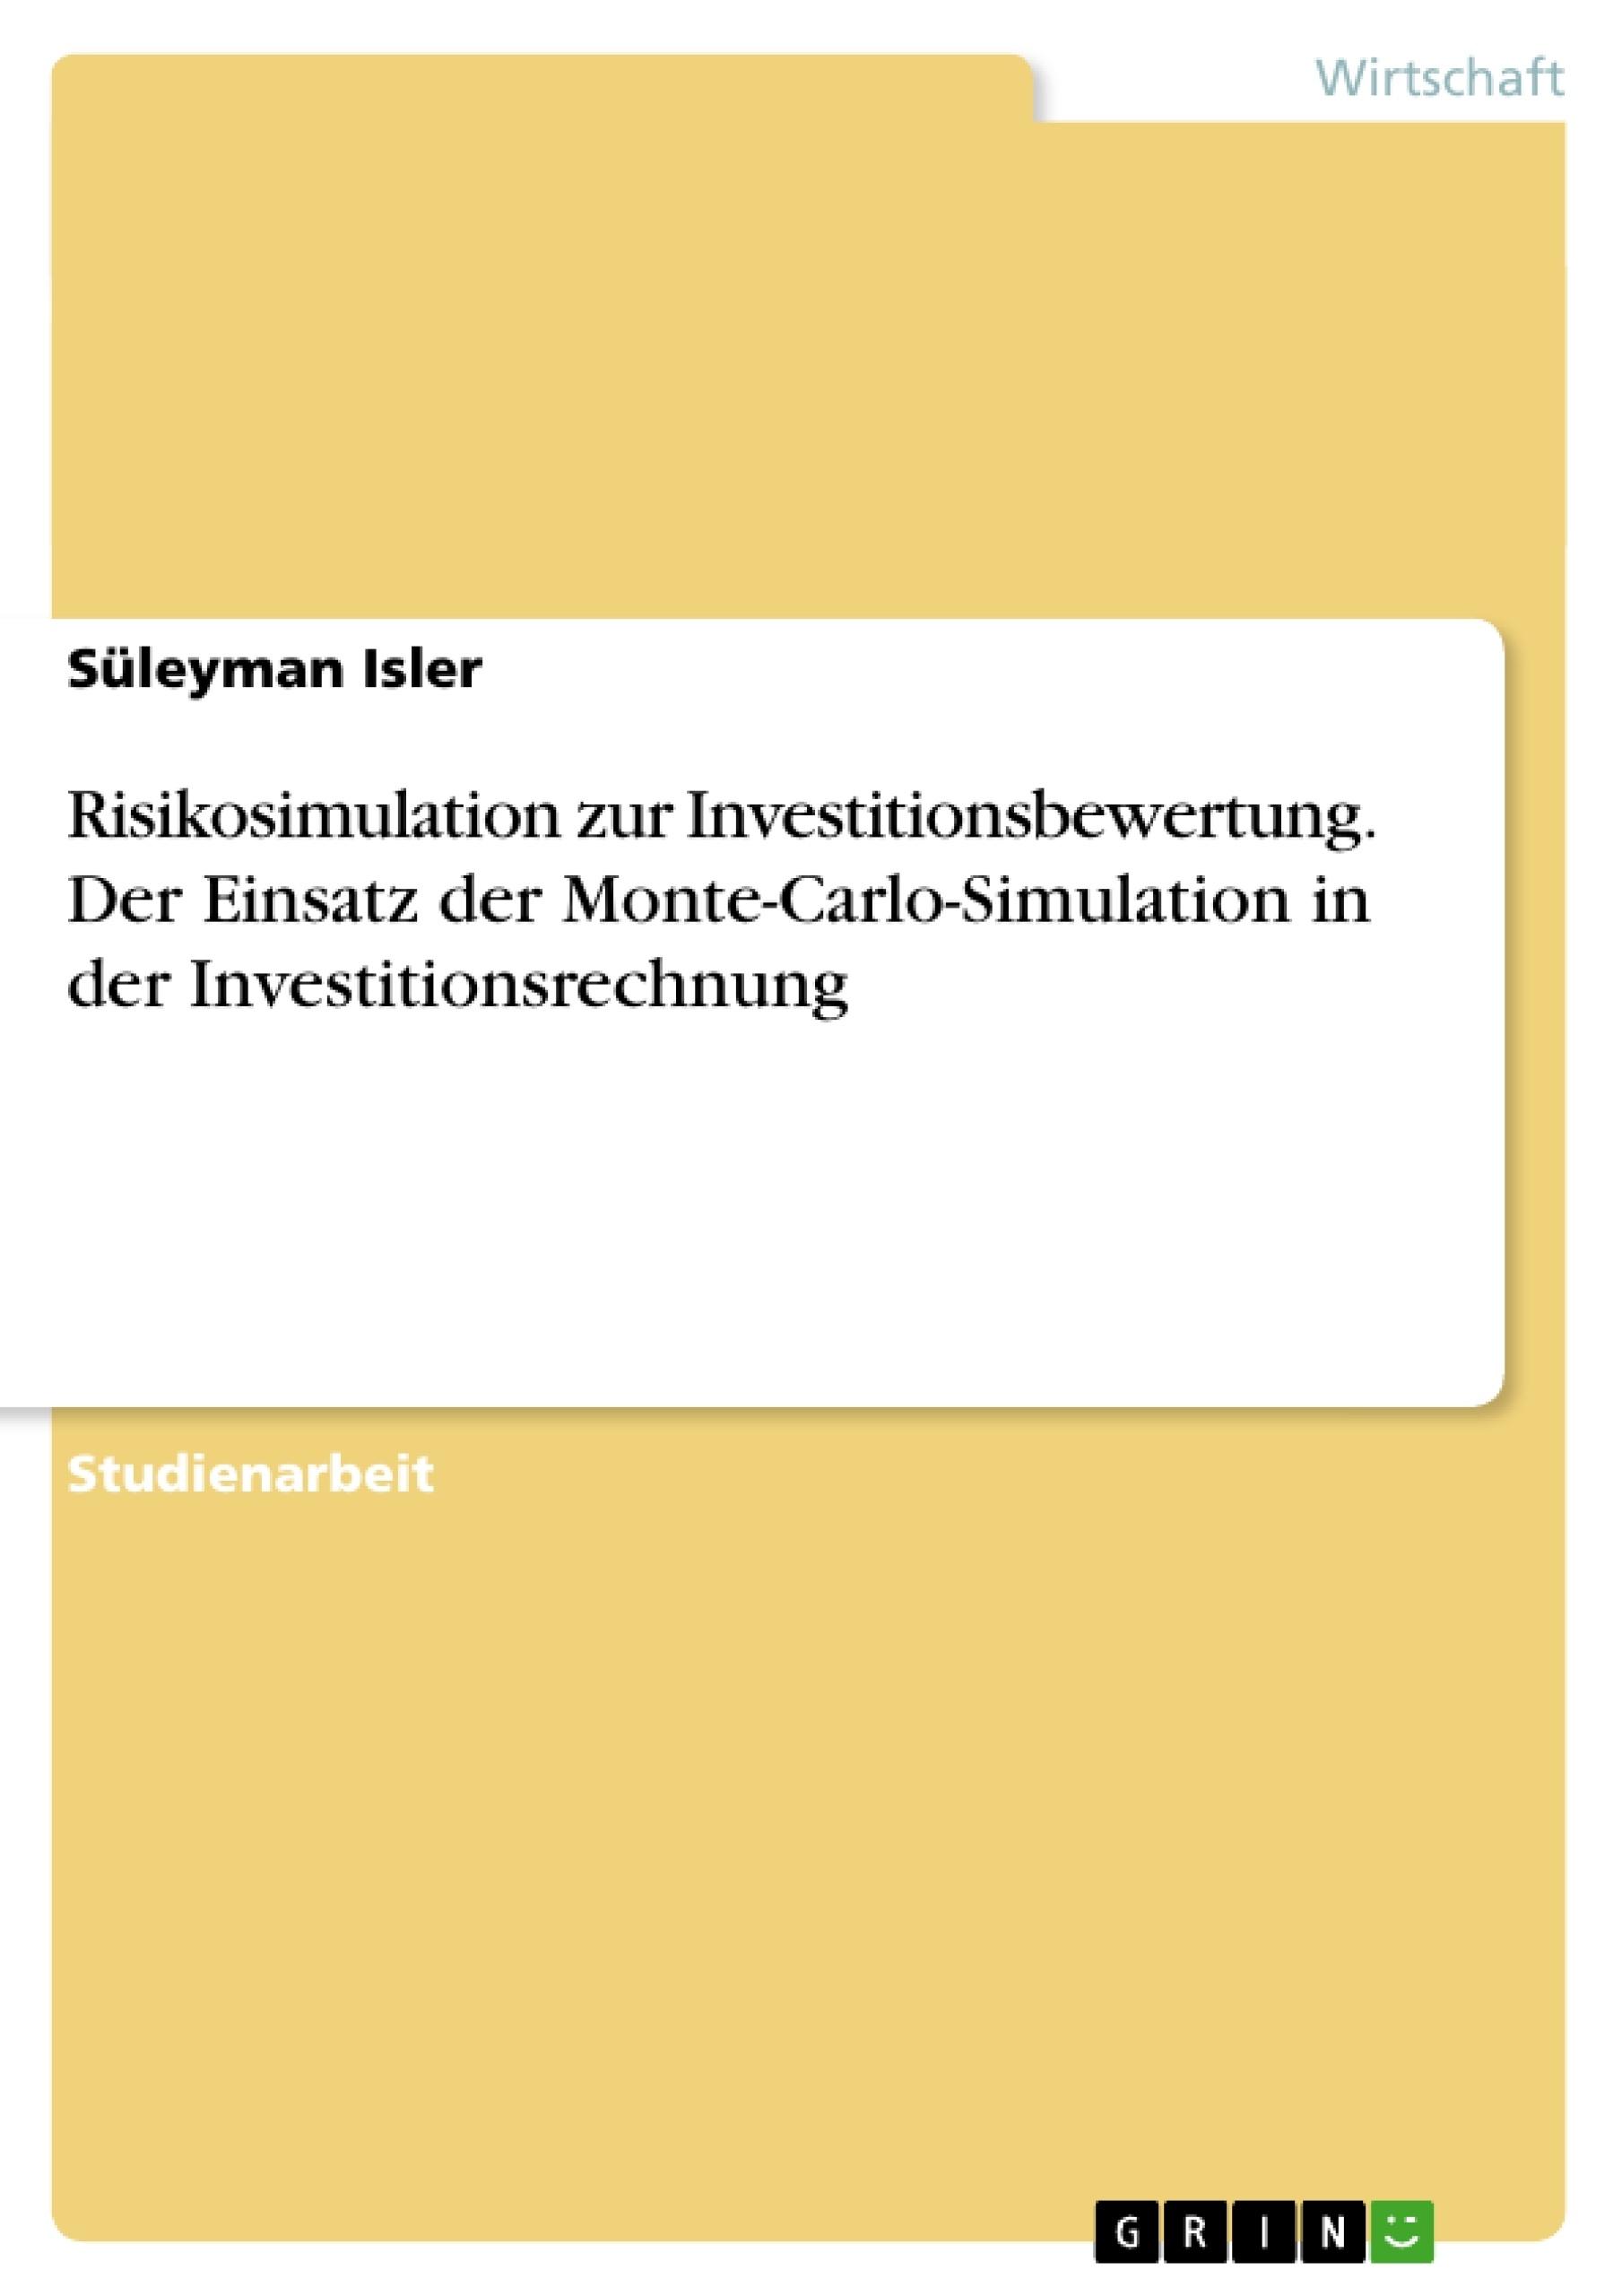 Titel: Risikosimulation zur Investitionsbewertung. Der Einsatz der Monte-Carlo-Simulation in der Investitionsrechnung